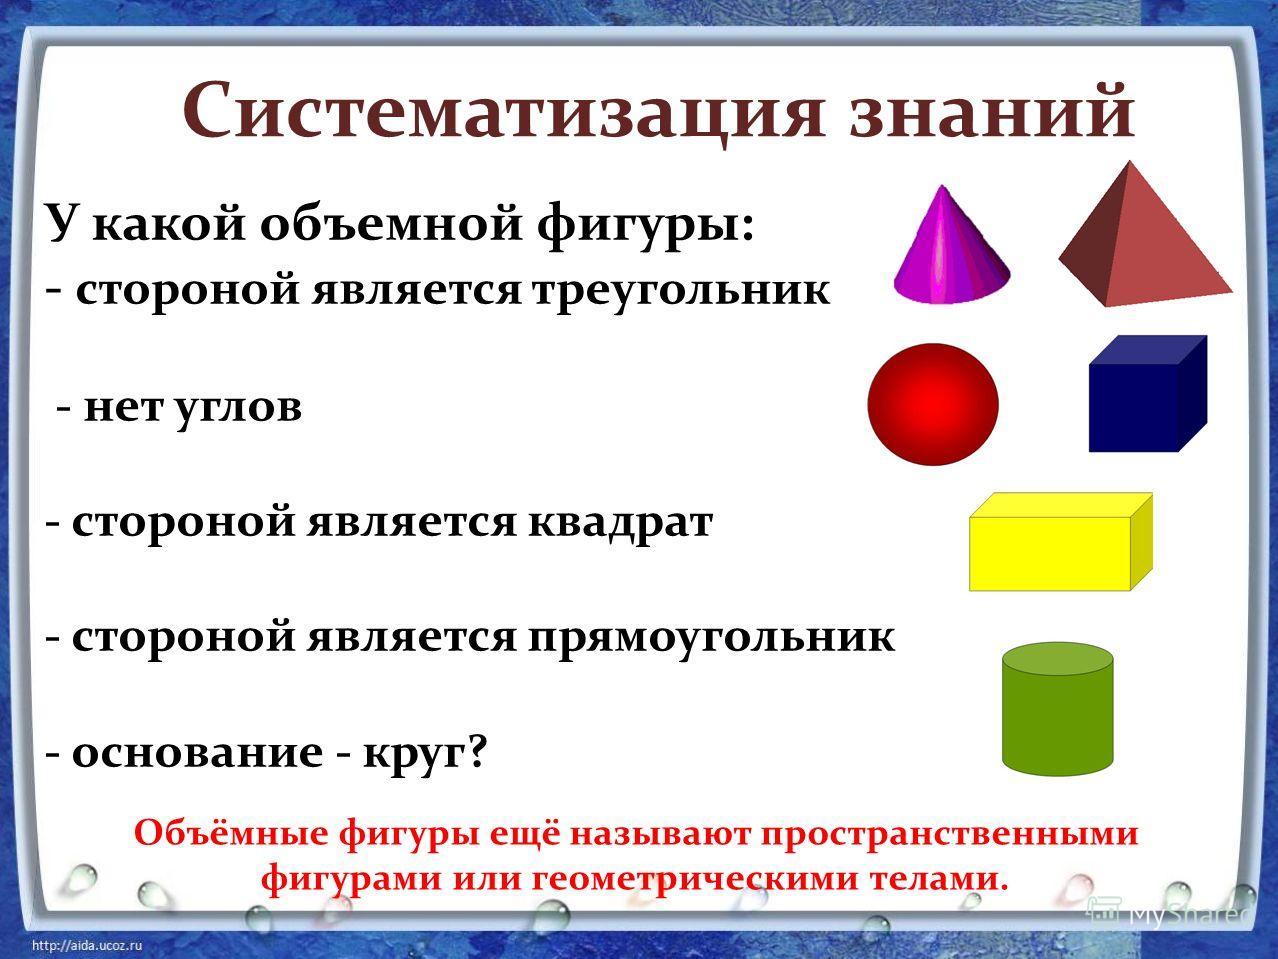 Объёмные фигуры ещё называют пространственными фигурами или геометрическими телами. У какой объемной фигуры: - стороной является треугольник - нет углов - стороной является квадрат - стороной является прямоугольник - основание - круг? Систематизация